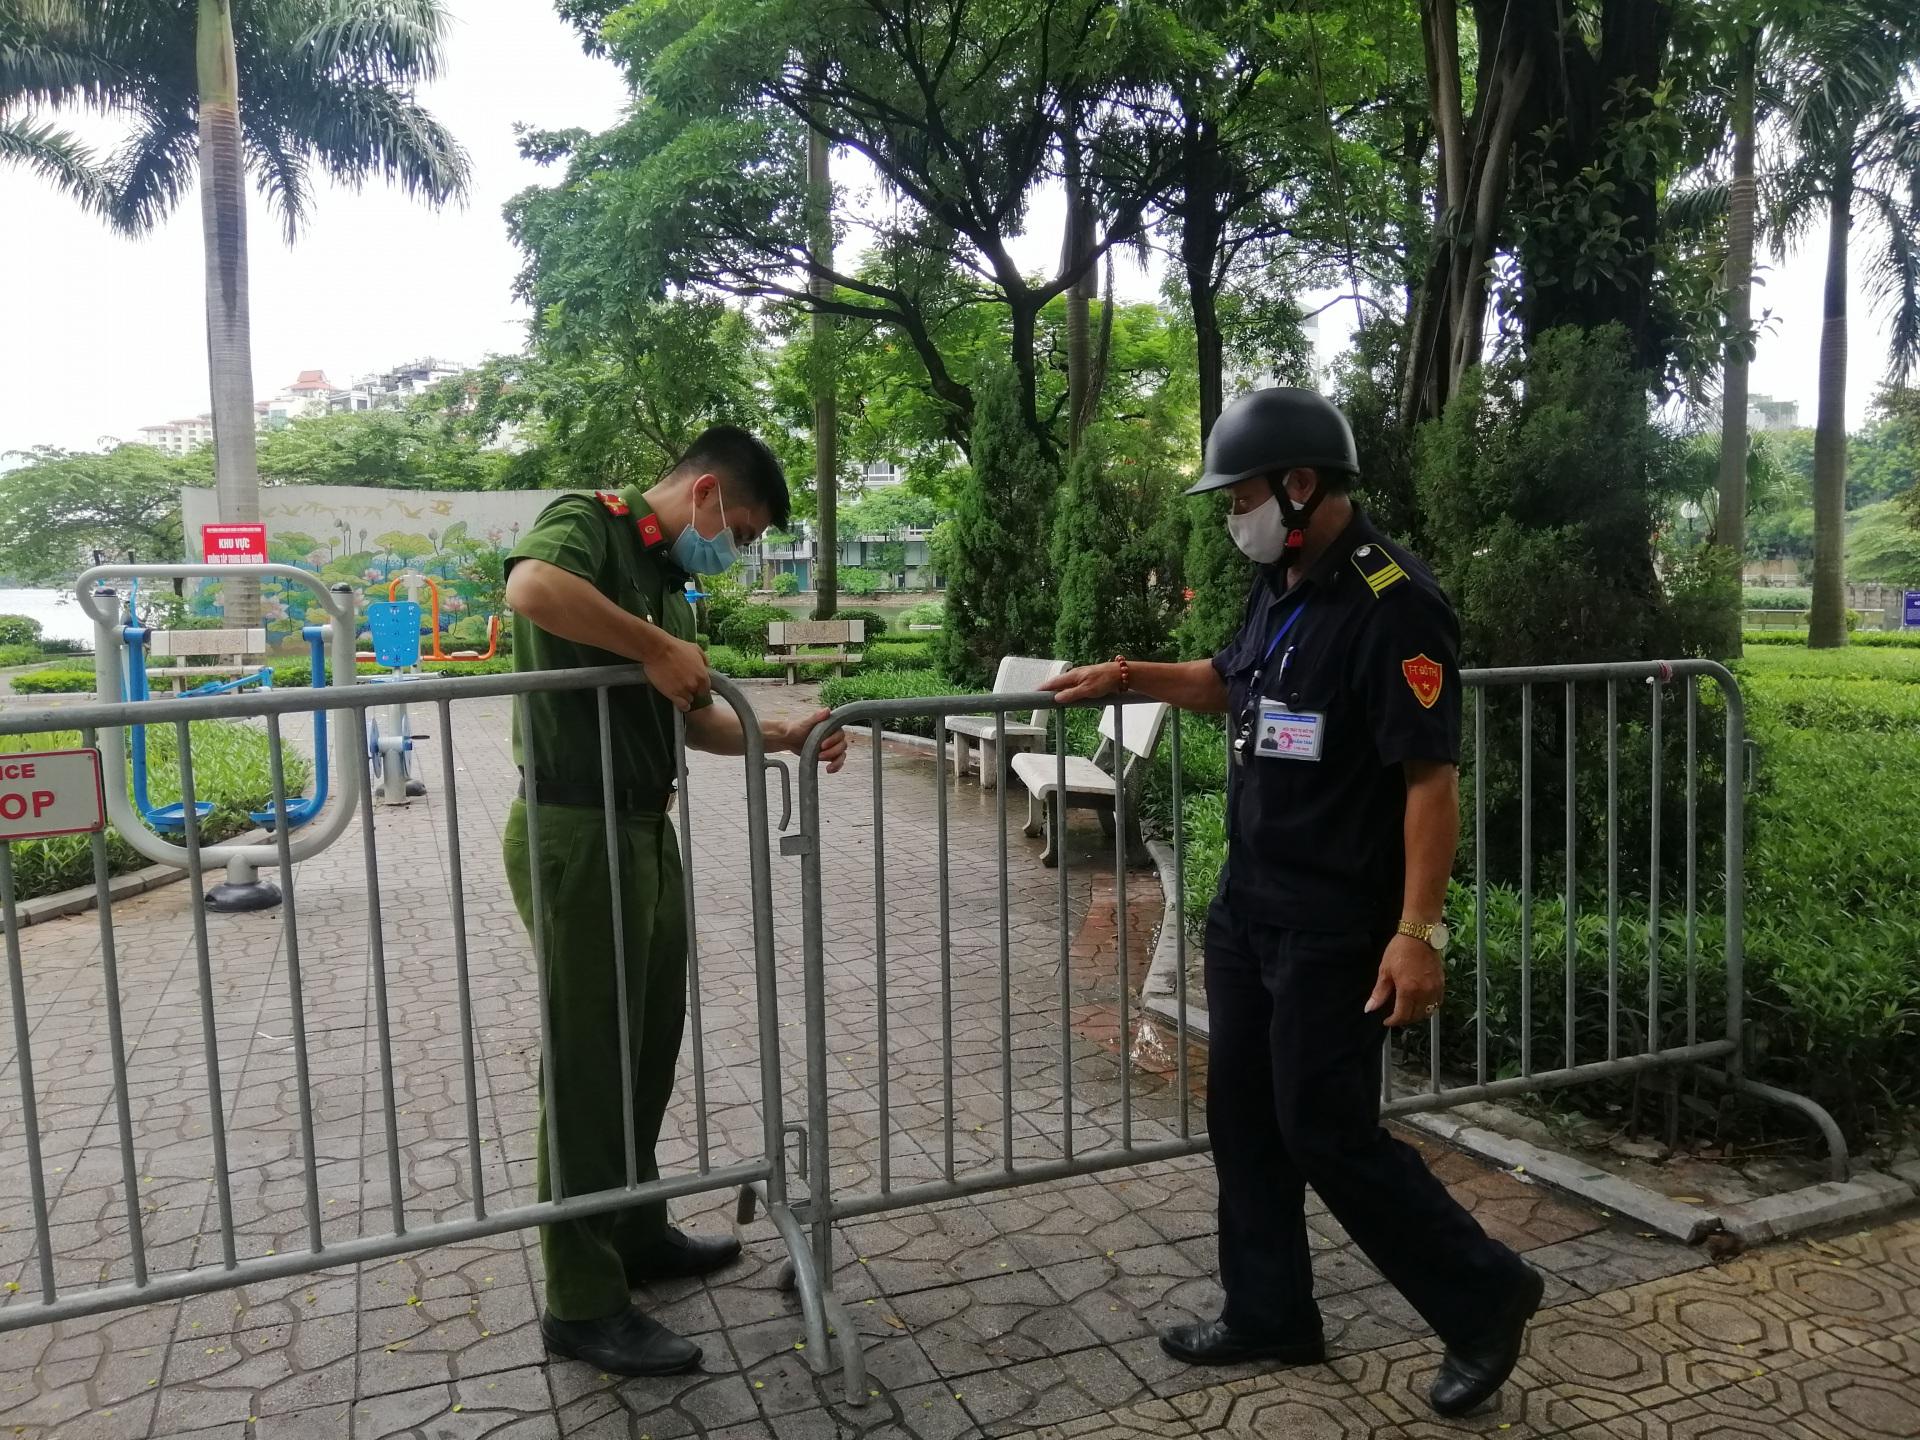 Thành phố Hà Nội: Quyết tâm giữ vững an toàn, bình yên của người dân đảm bảo kiểm soát tình hình dịch bệnh